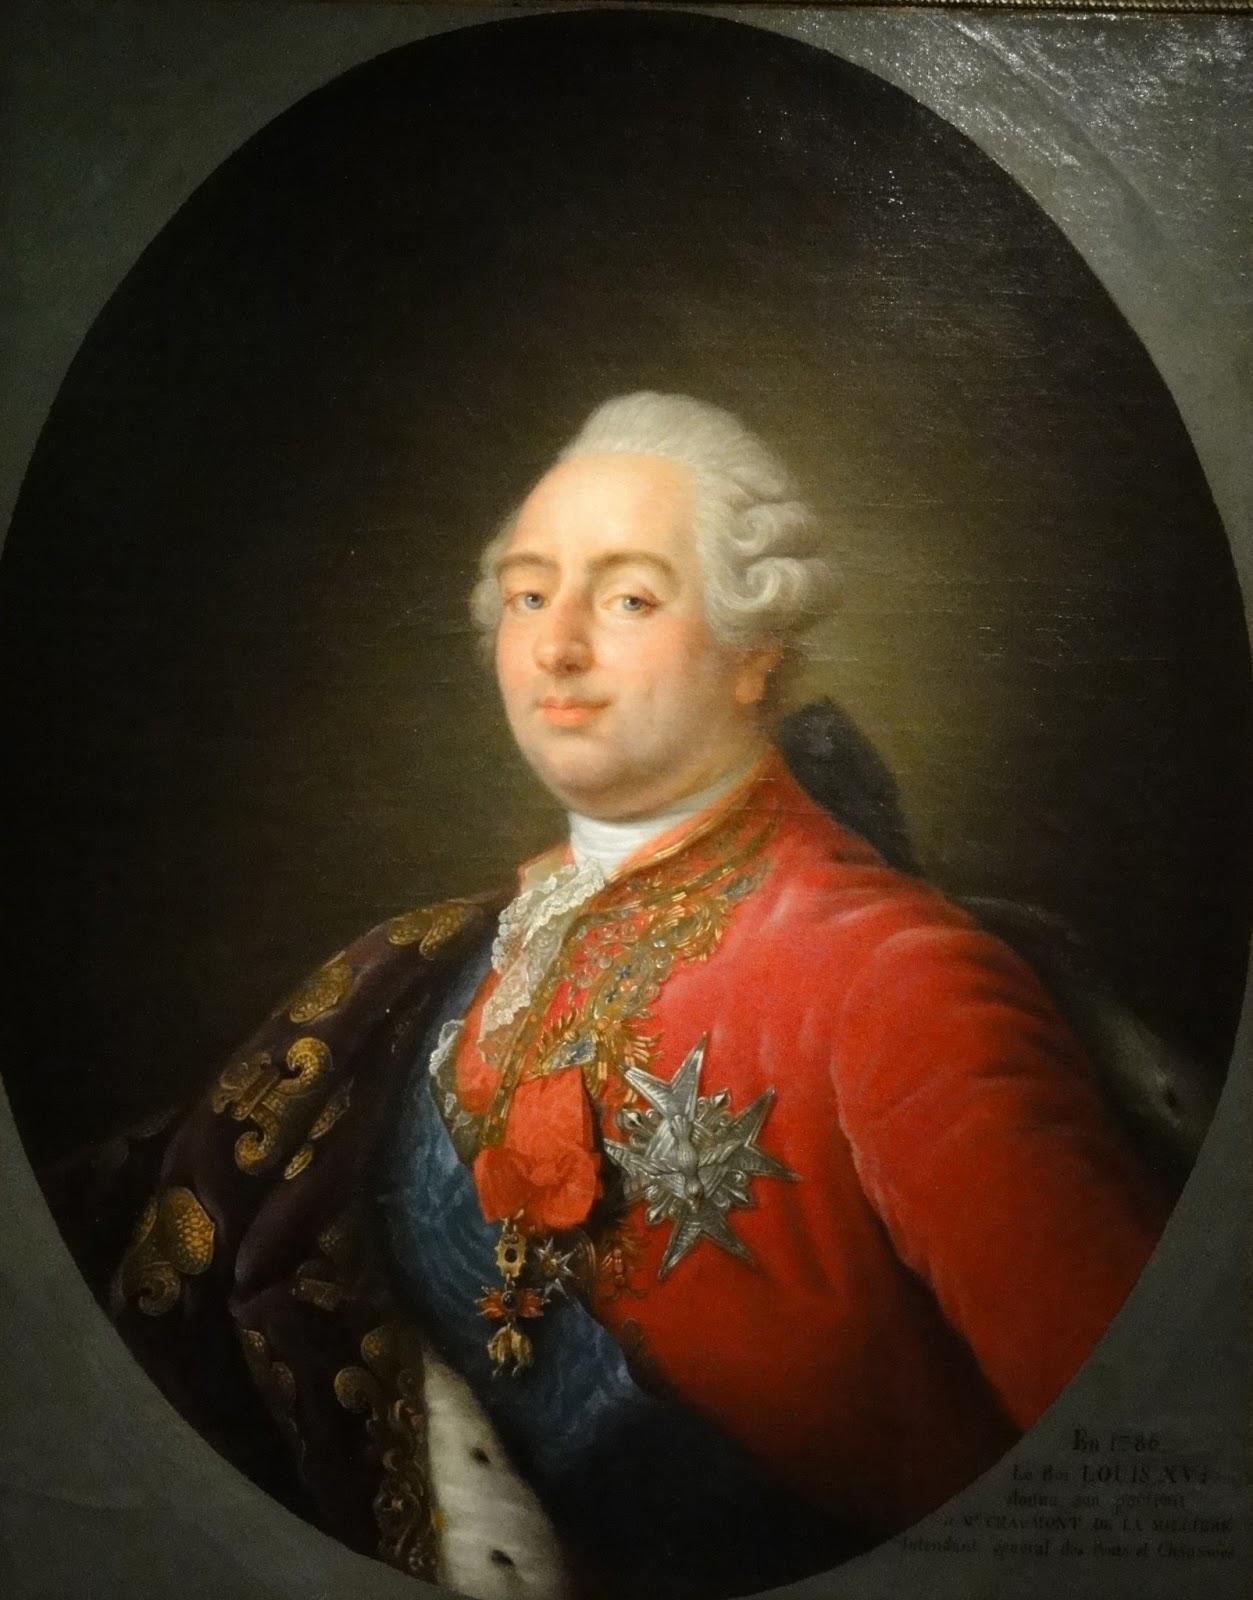 La Révolution française – La prise de la Bastille | Paris et son ...